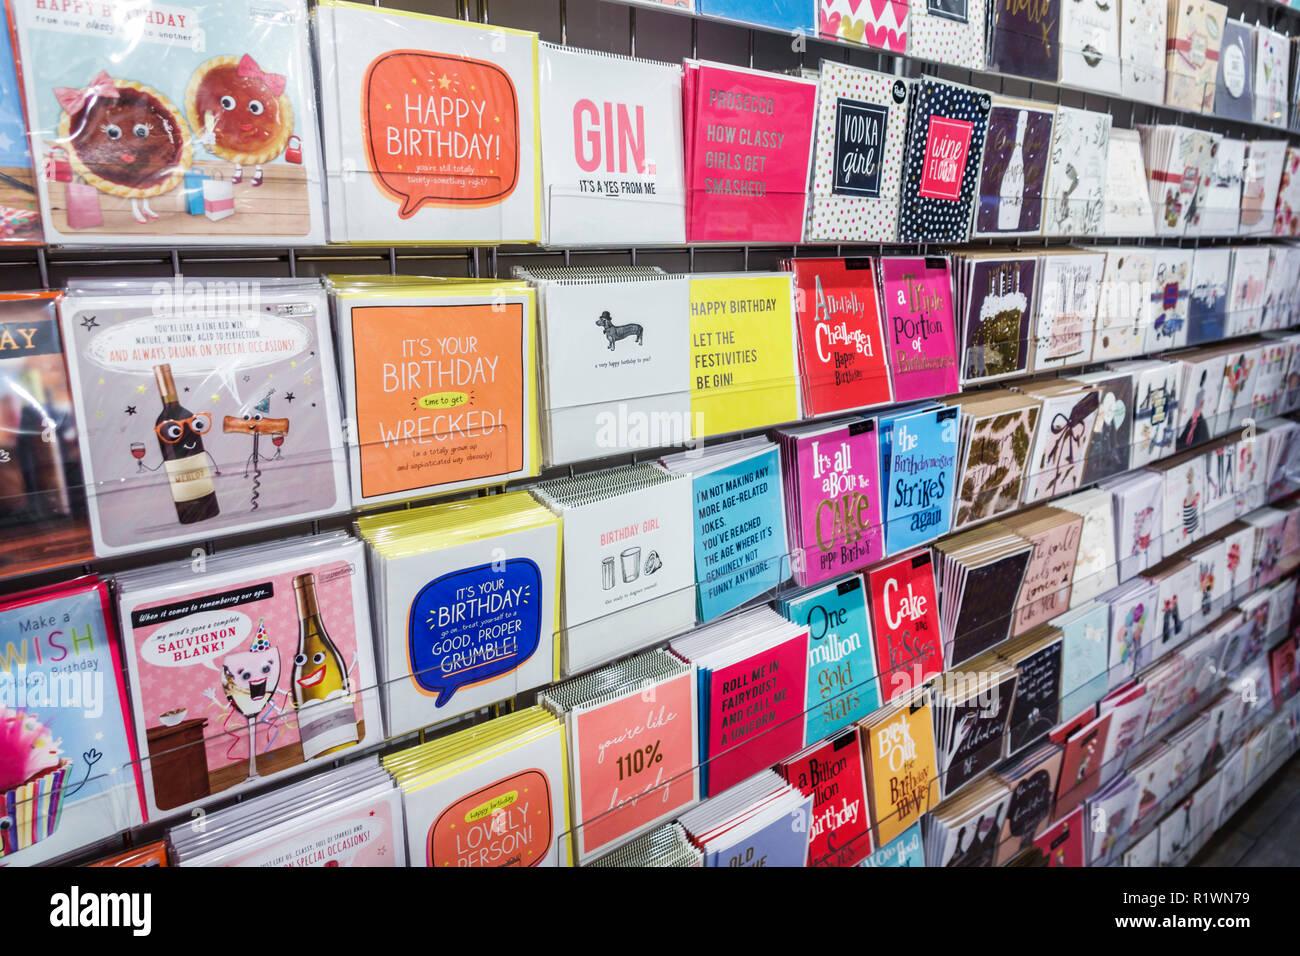 Londres Angleterre Royaume-Uni Grande-bretagne Kensington cadeaux papeterie shopping cartes de souhaits souhaits d'anniversaire humoristique s'affiche lunatique Photo Stock